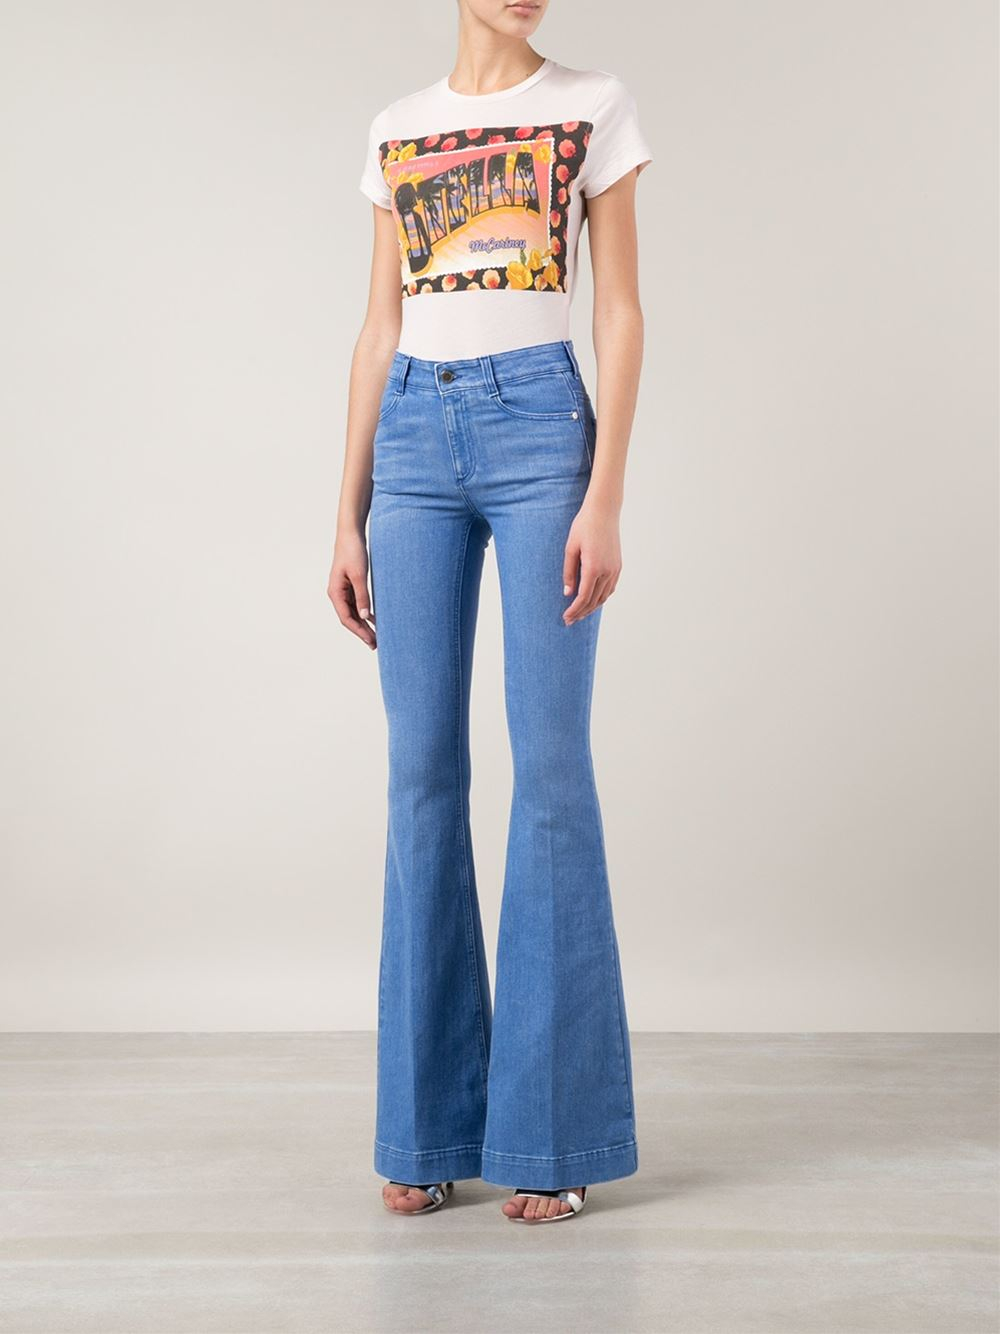 Stella mccartney Flared Jeans in Blue | Lyst